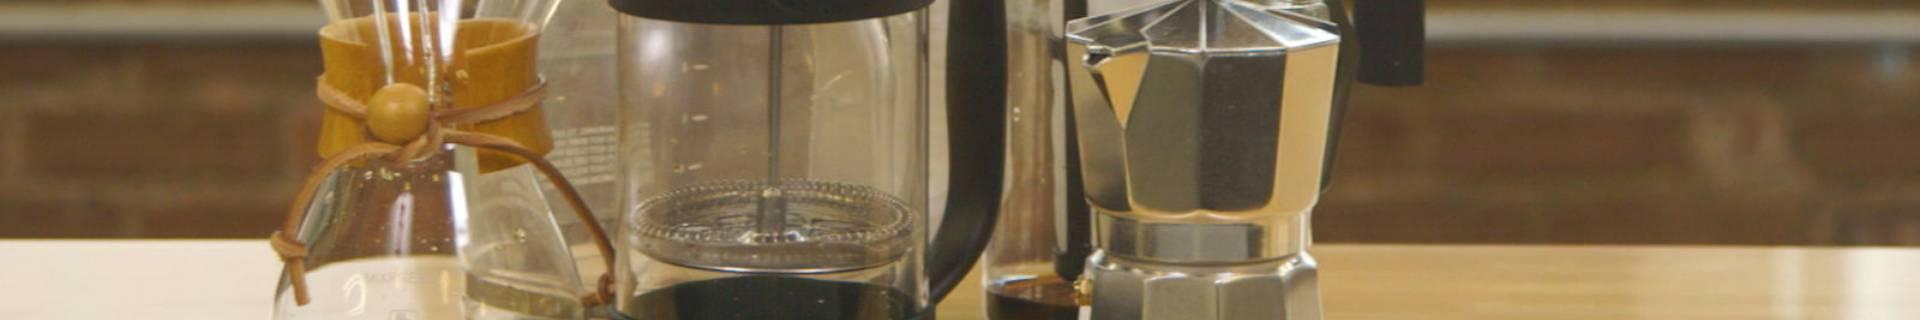 Accesoris de Cafè - ECOLECTIA